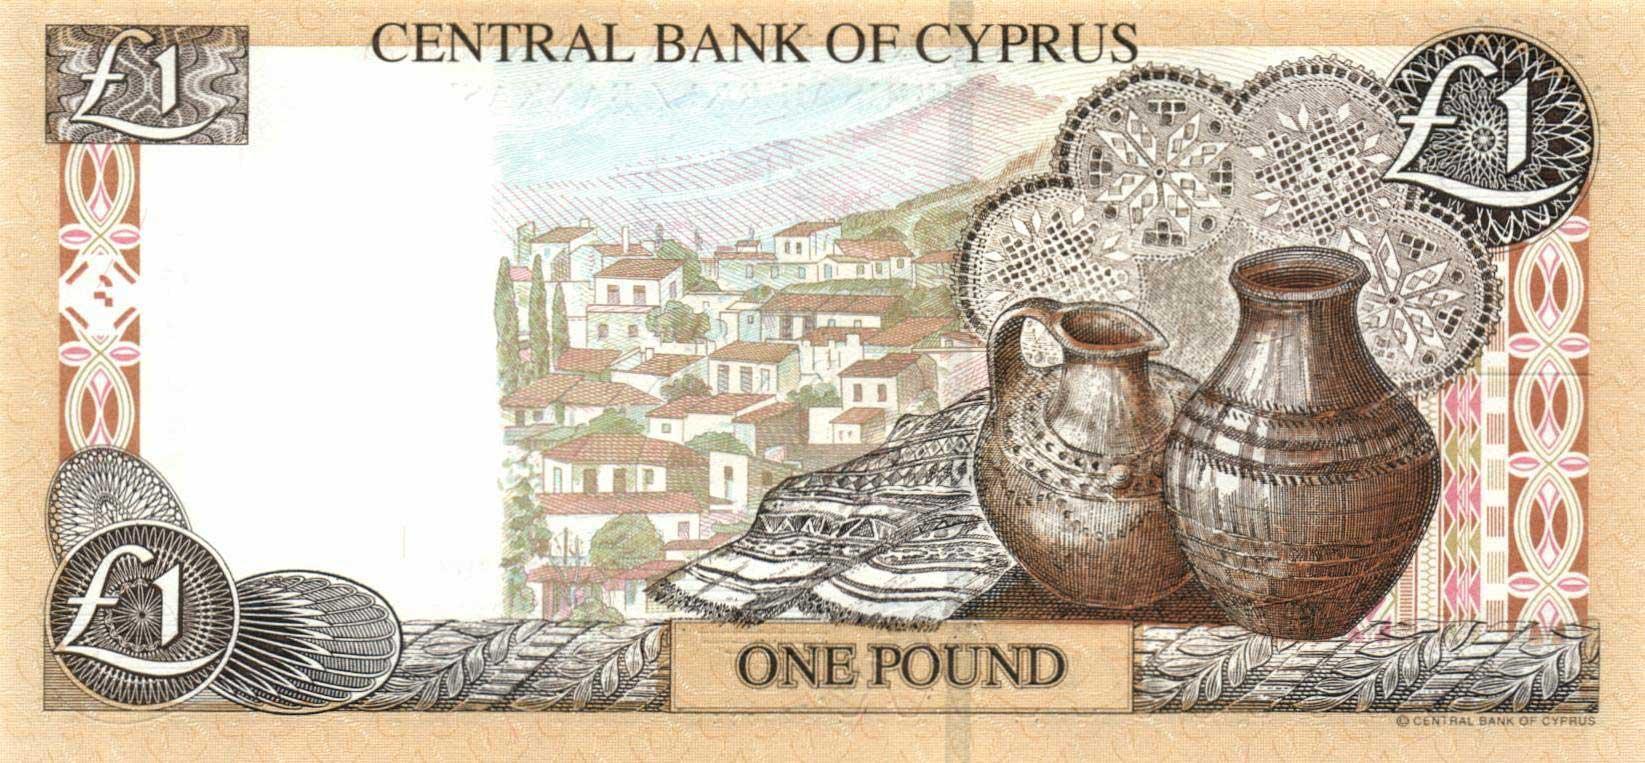 CYP-0060a-b